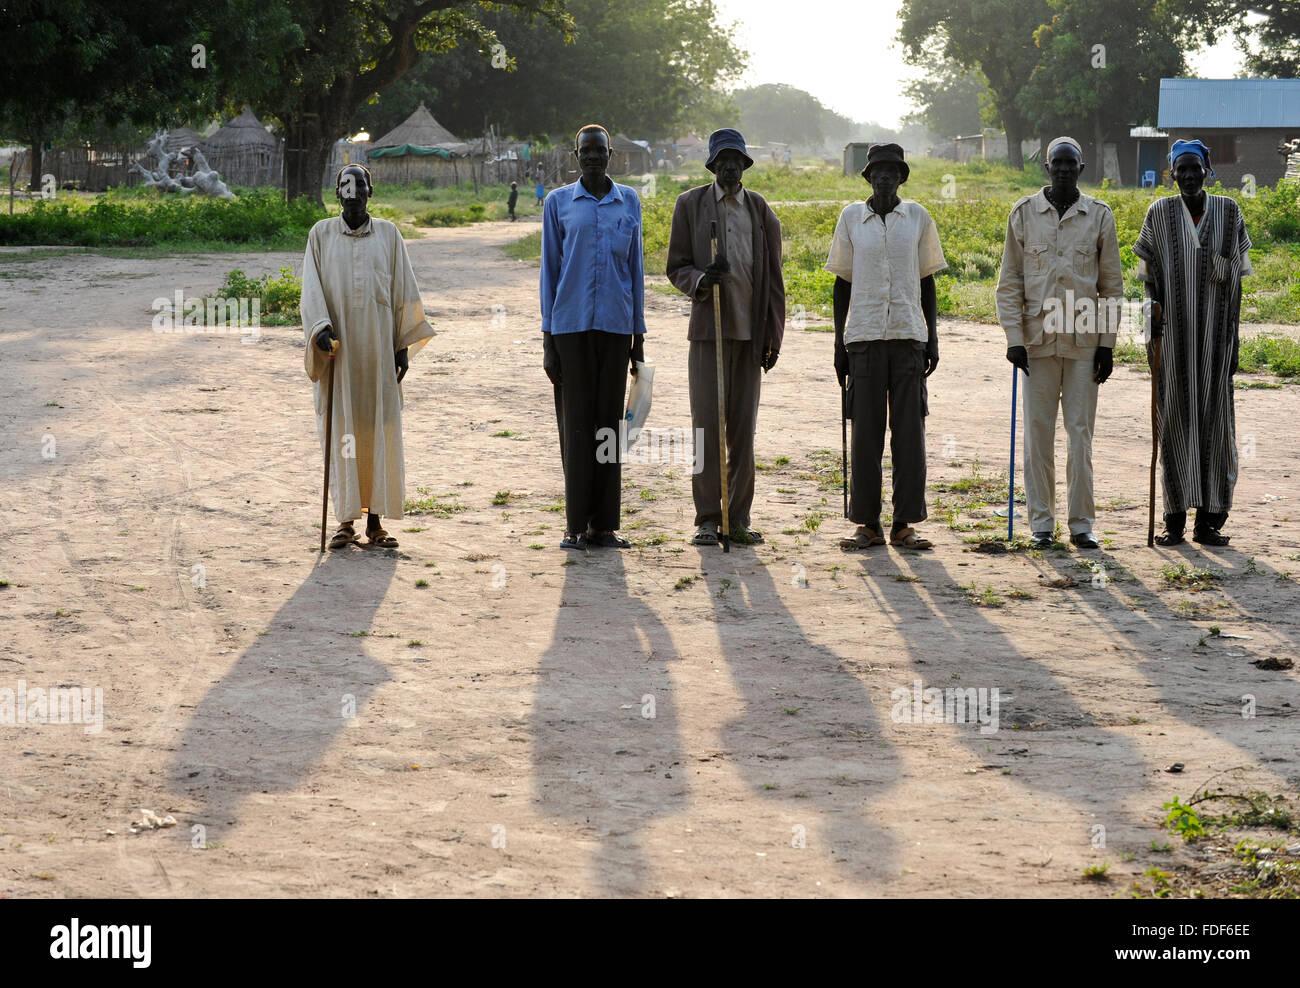 SOUTH-SUDAN Lakes state, Rumbek, Dinka men pose for a photo / SUED-SUDAN Rumbek, Dinka Menner posen fuer ein Foto - Stock Image